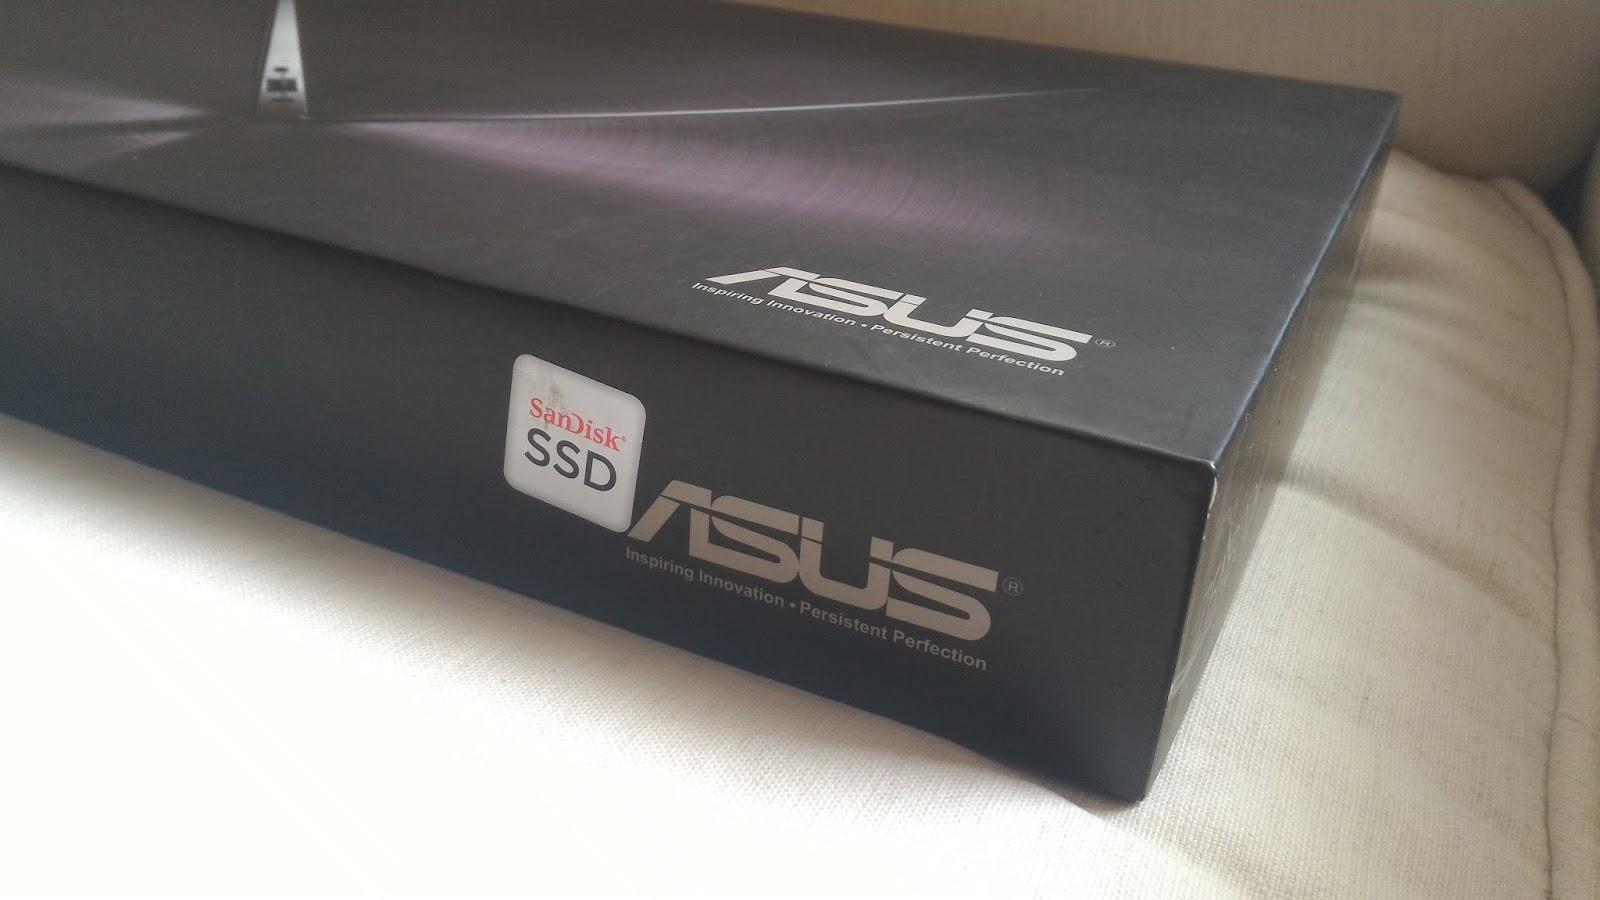 P 20160521 160052 SRES - [開箱] Asus ZenBook UX31E 絕美禪意、極致輕薄的效能筆電